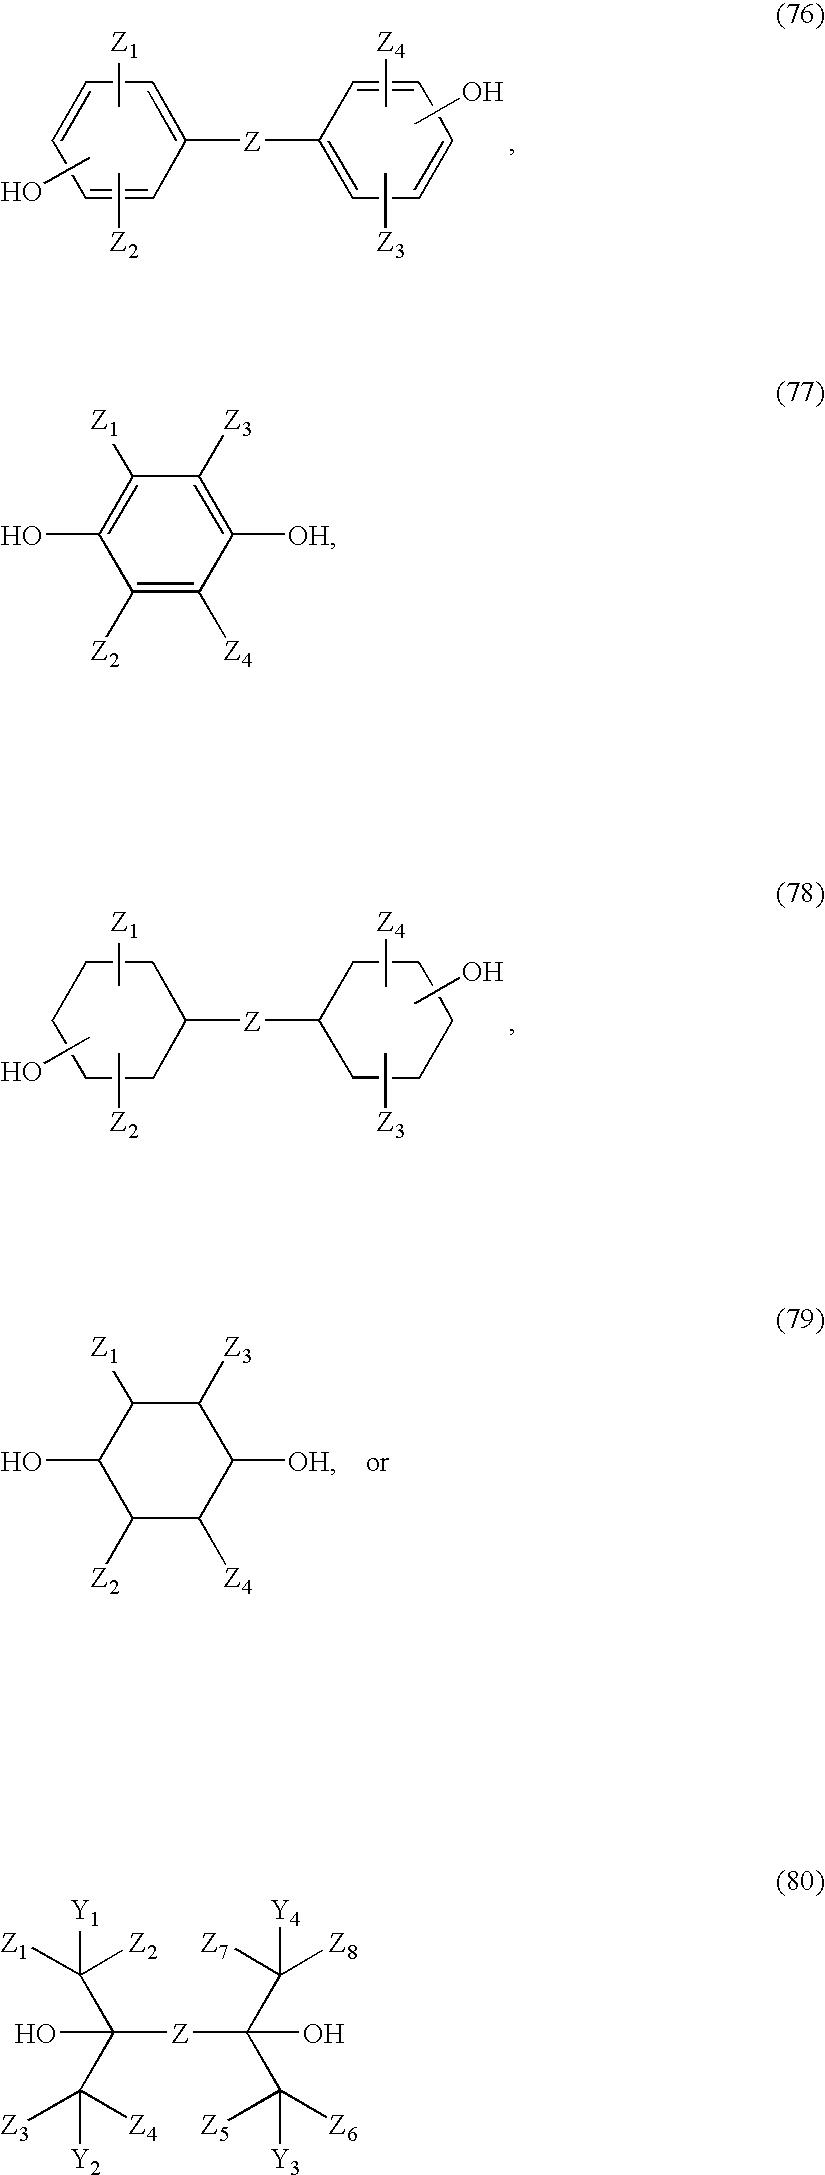 Figure US20050004325A1-20050106-C00046